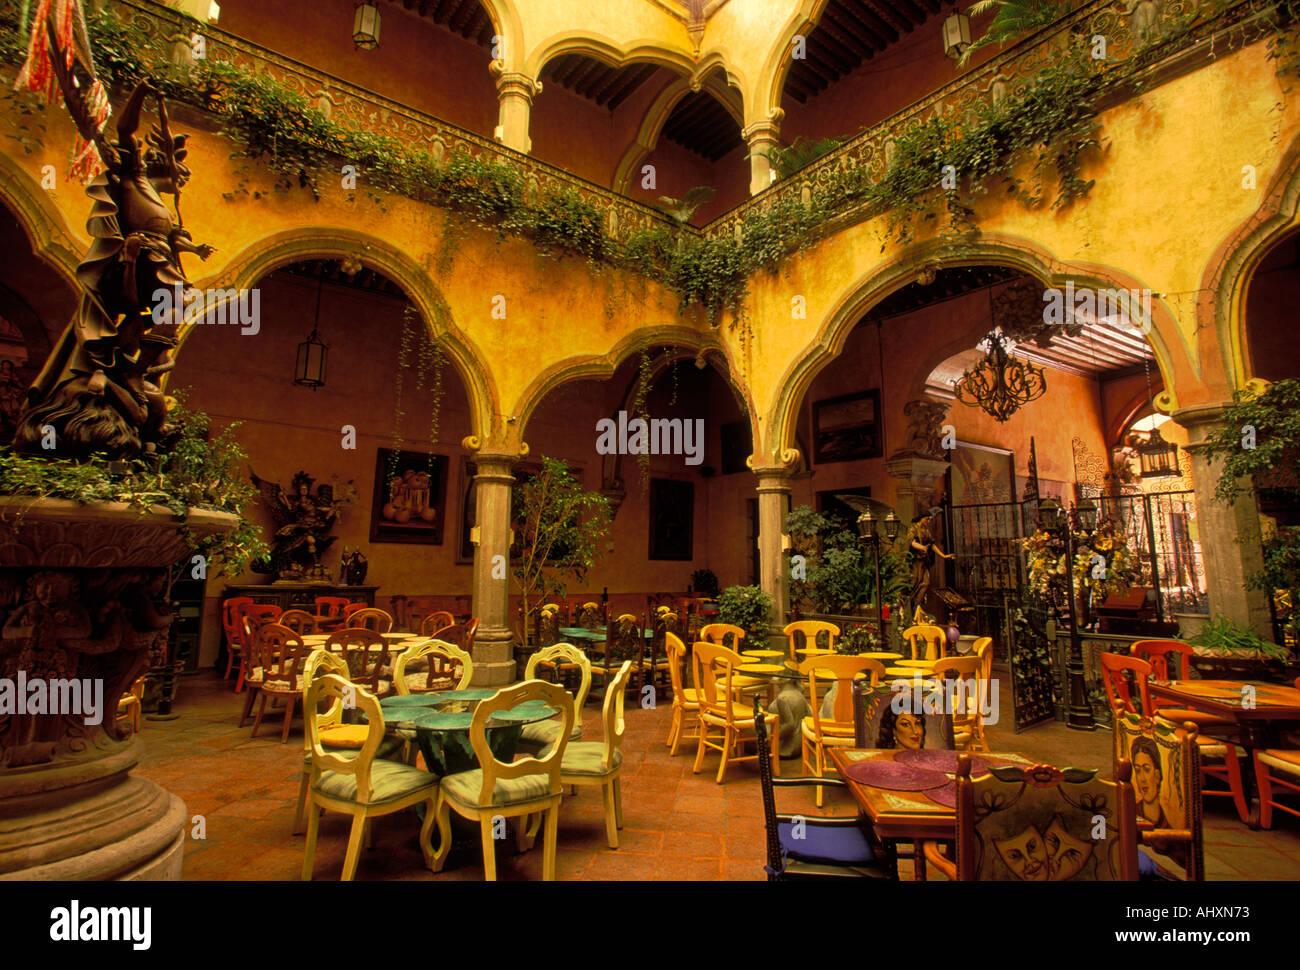 Casa De Los Cincos Patios, Mexican Restaurant, Mexican Food And Drink,  Mexican Food, Santiago De Queretaro, Queretaro, Queretaro State, Mexico